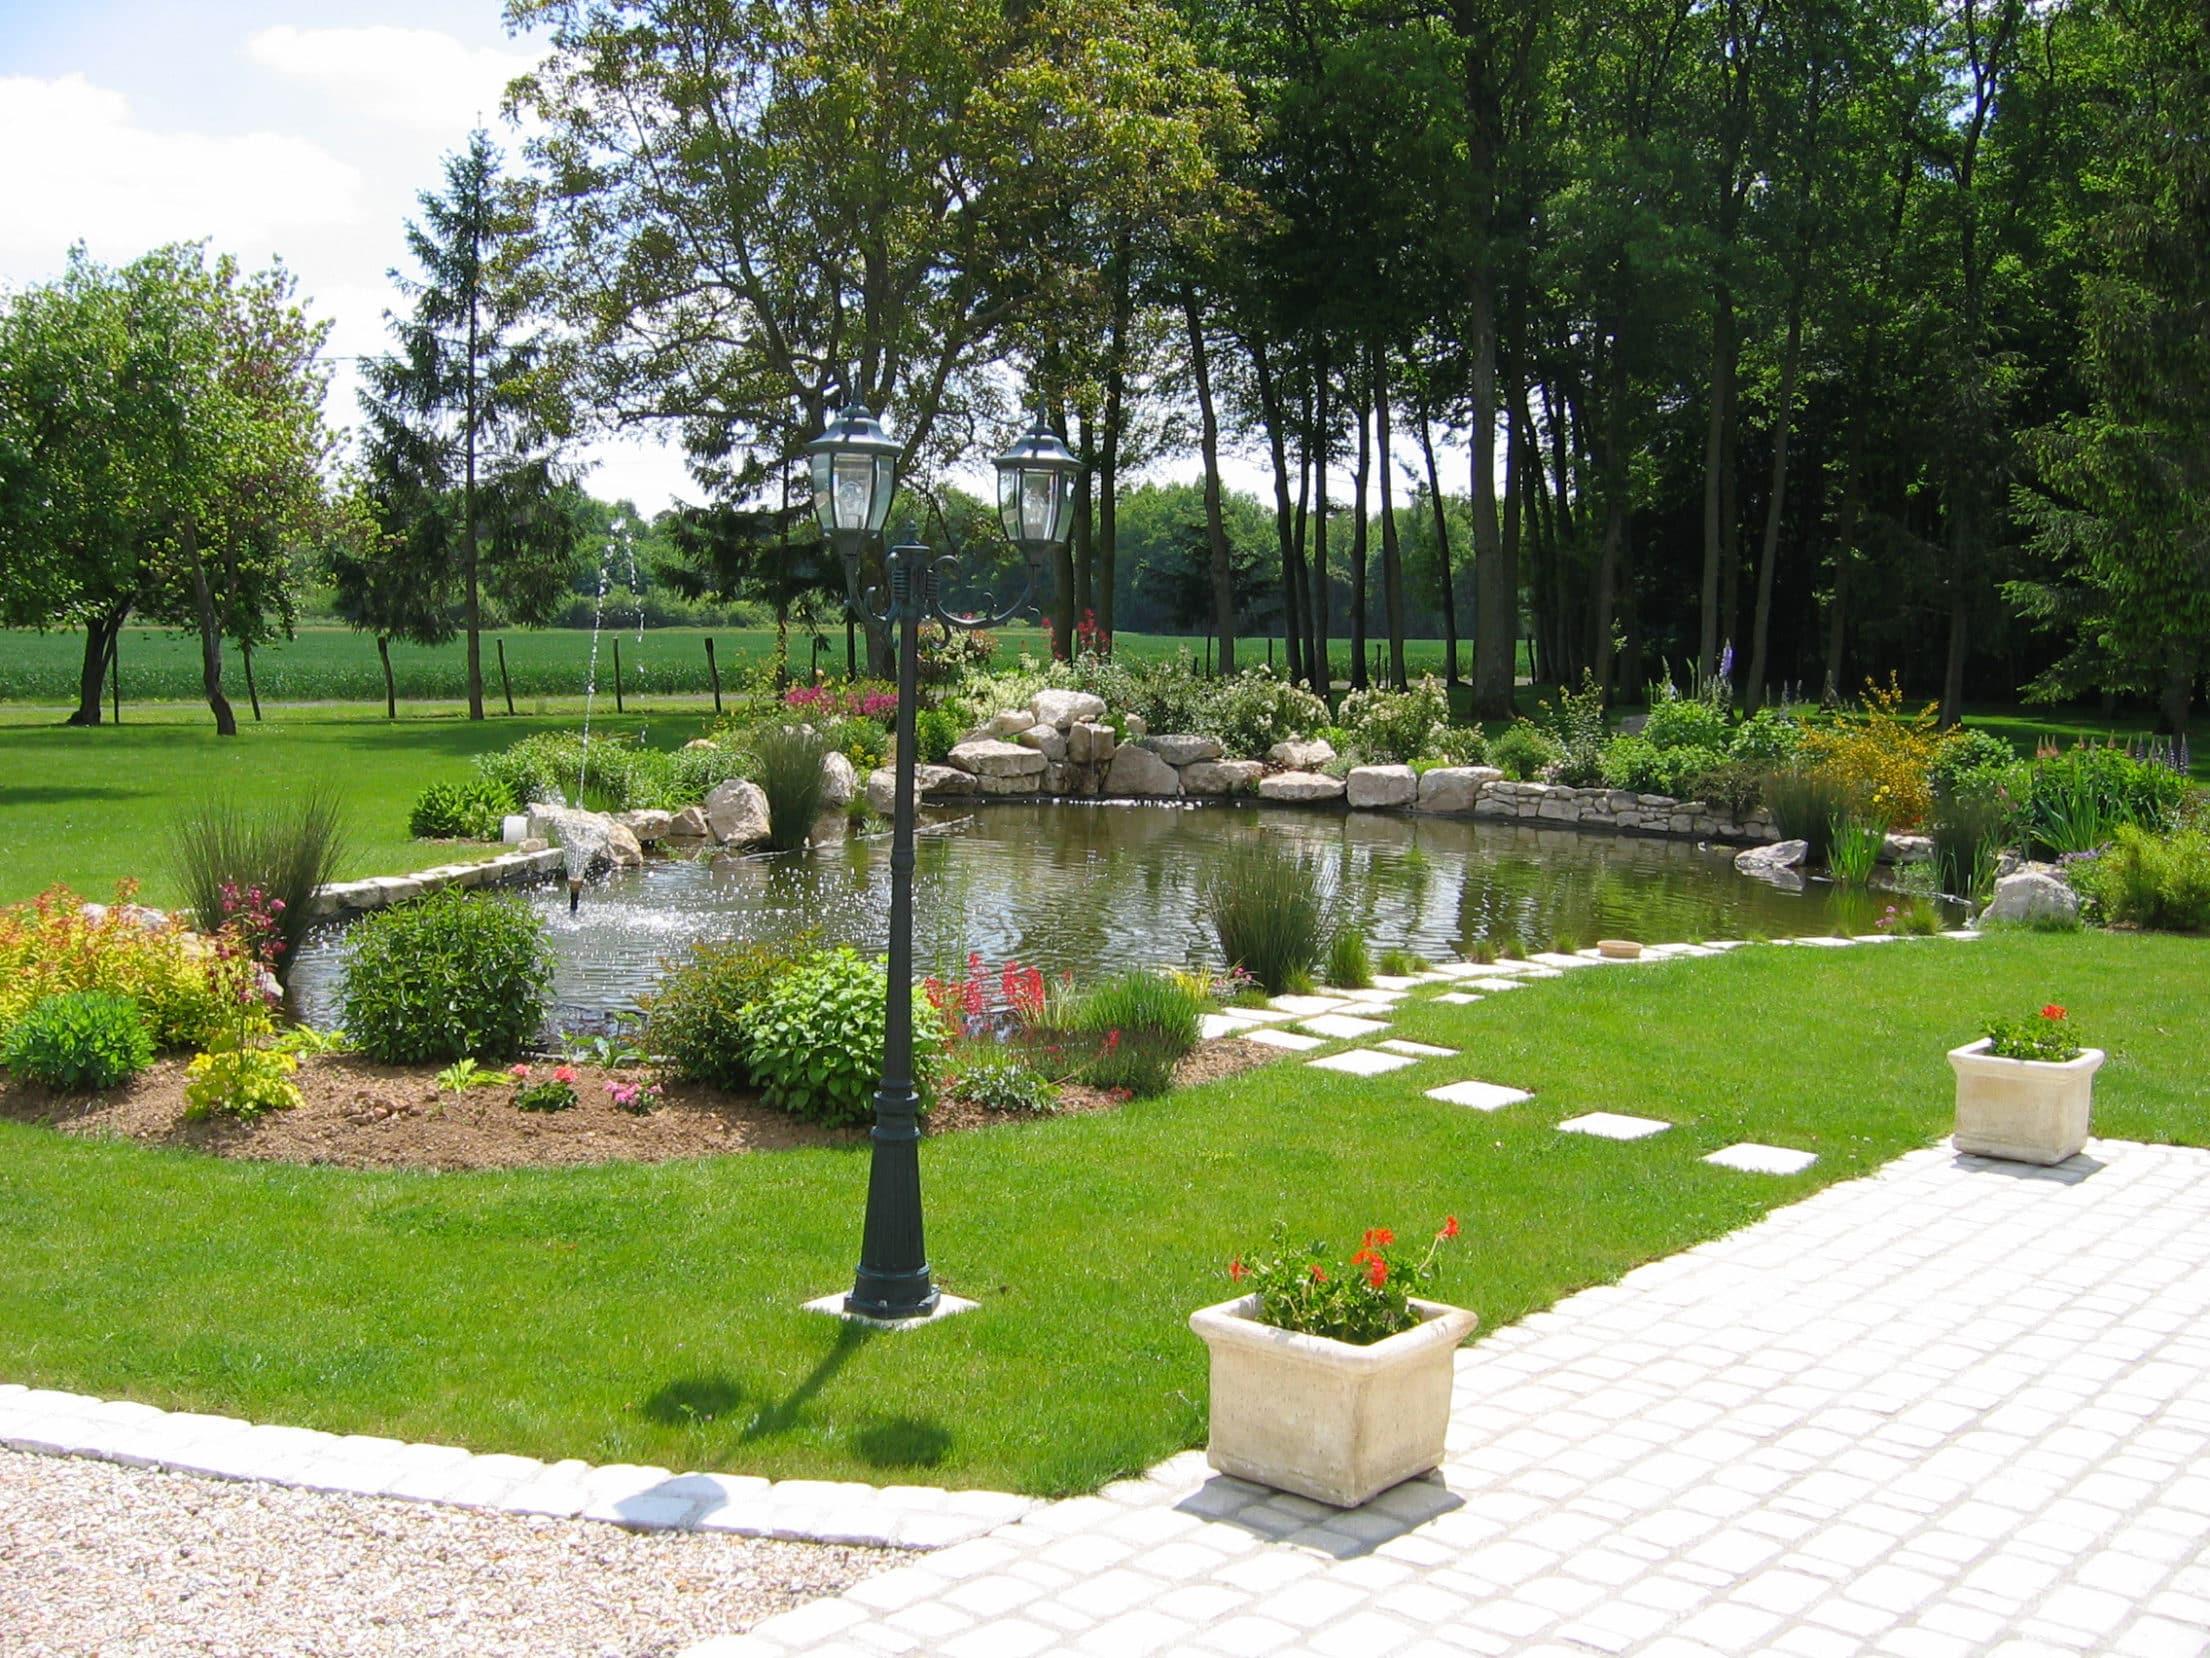 L'aperçu d'un jardin bien aéré